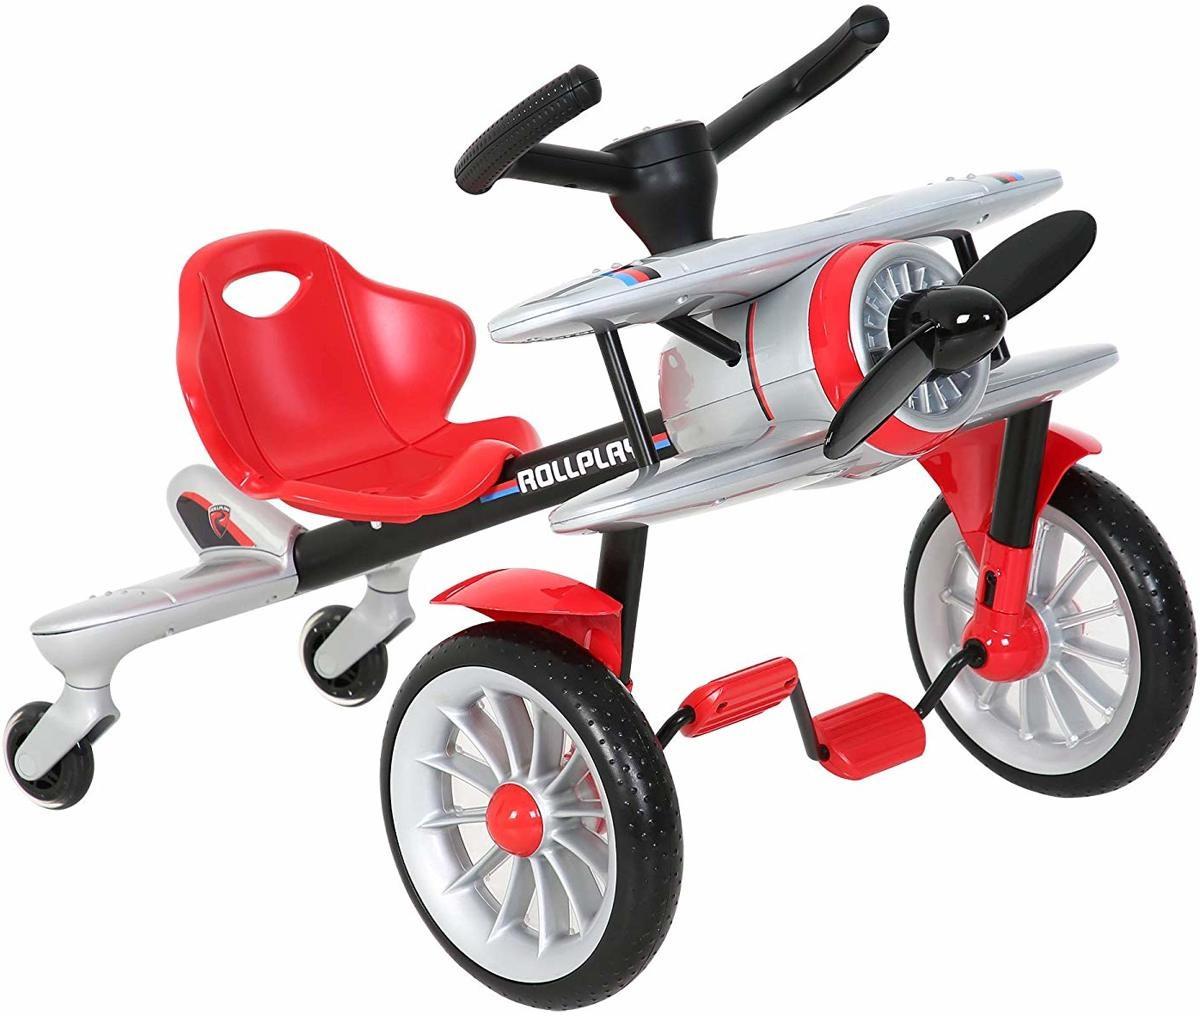 Детский велокарт Go-Kart Rollplay Planado silver